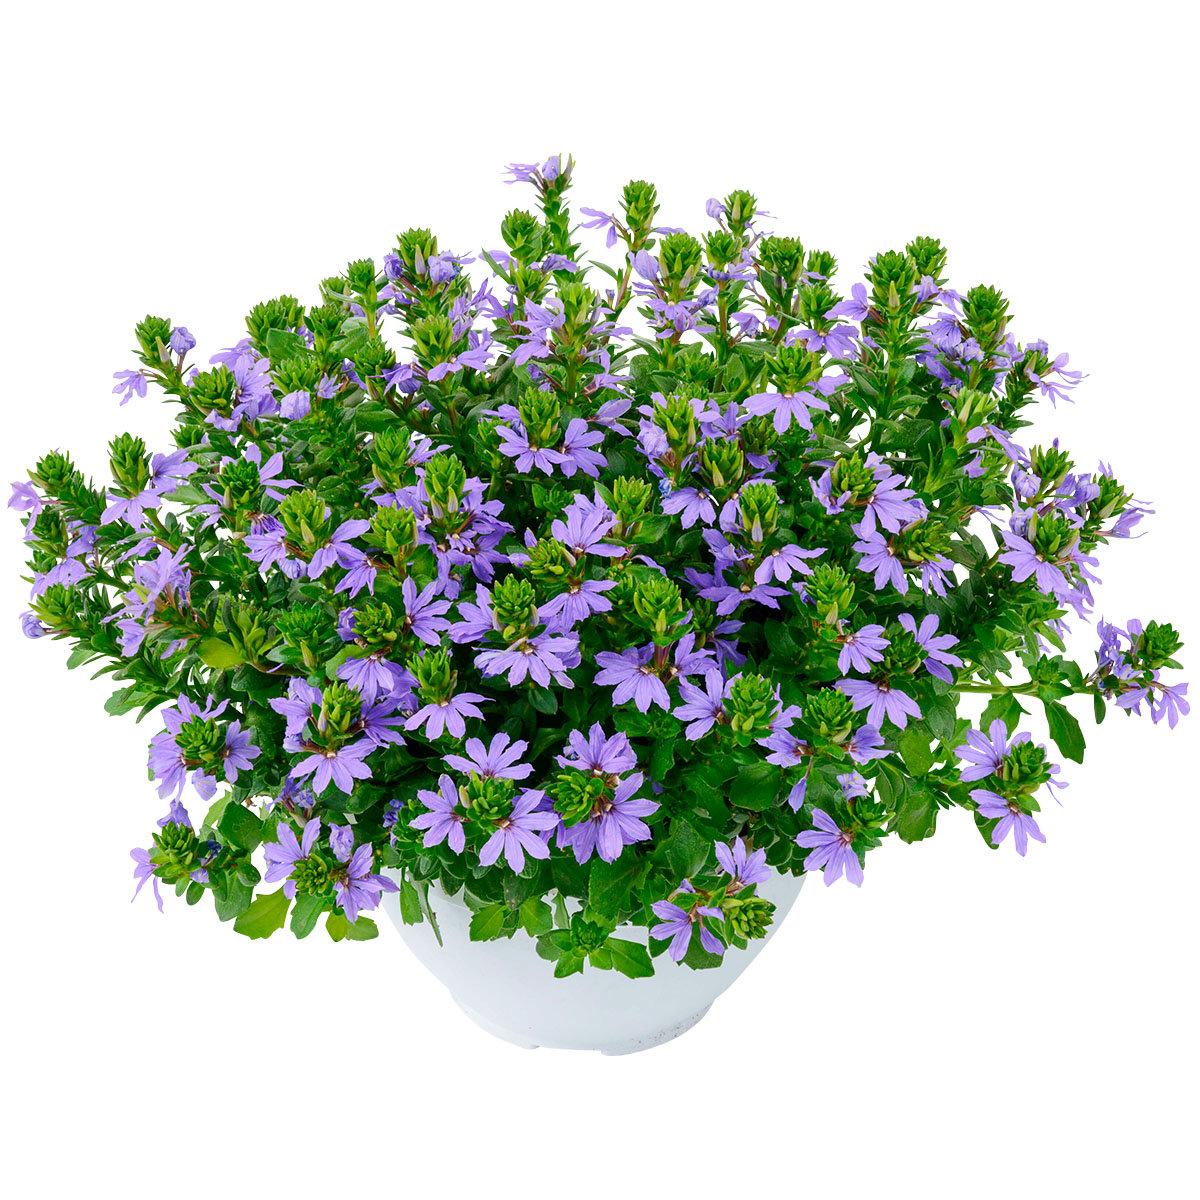 Blaue Facherblume Im Ca 11 Cm Topf Online Kaufen Bei Gartner